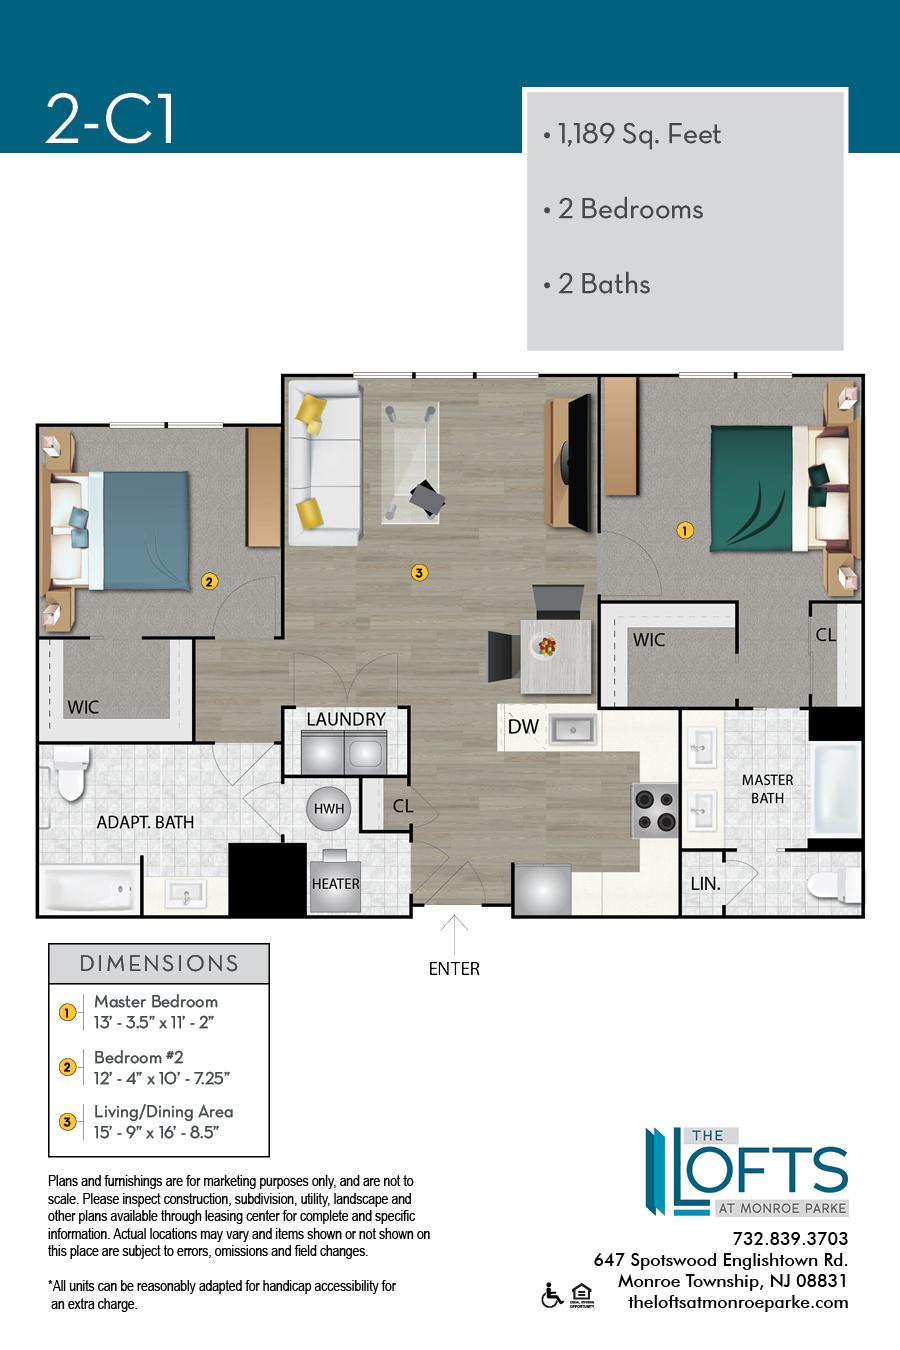 2-C1 Floor Plan